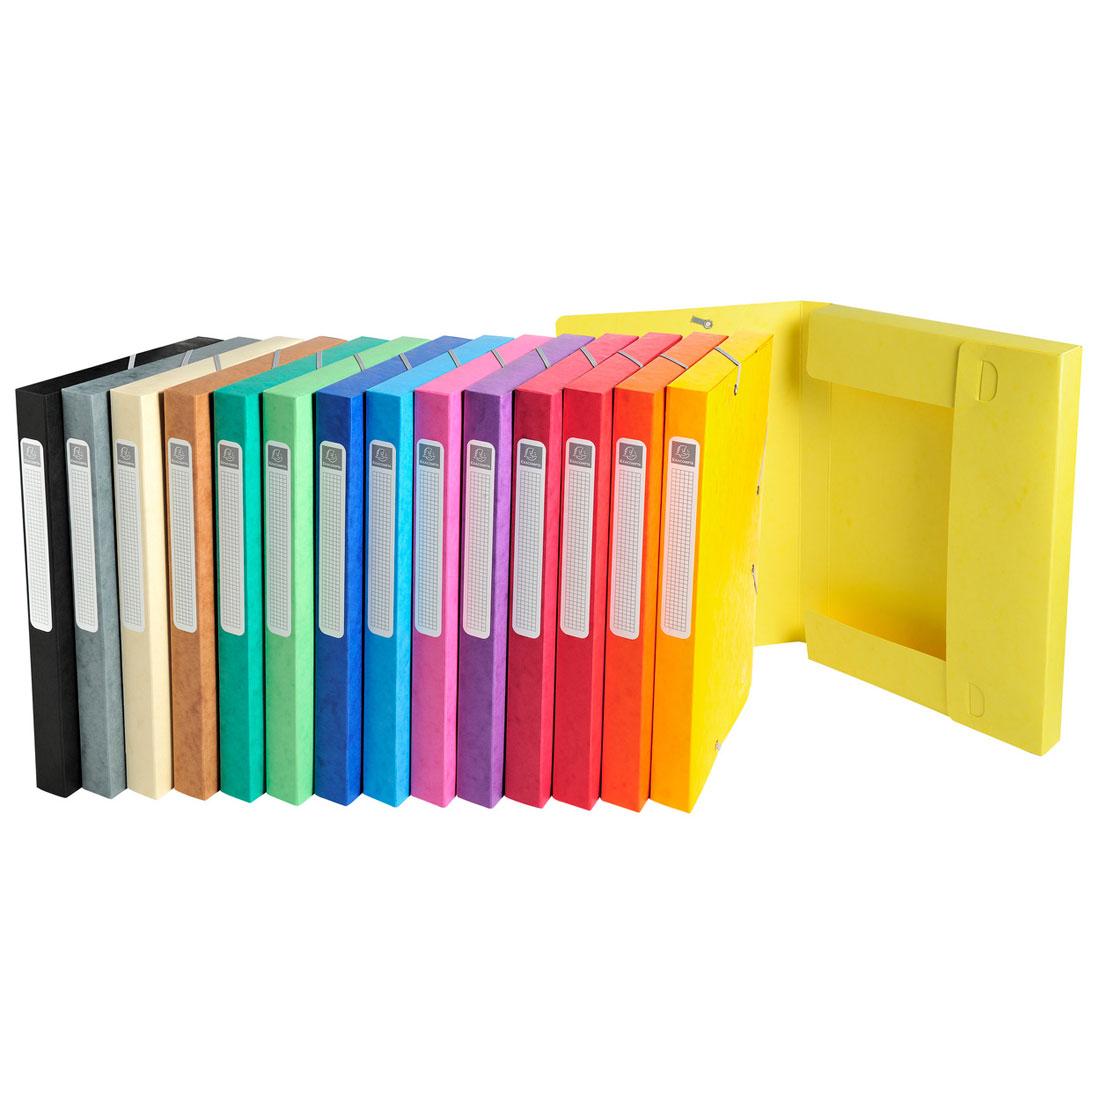 exacompta boites de classement cartobox dos 25 mm assortis x 25 bo te de classement exacompta. Black Bedroom Furniture Sets. Home Design Ideas